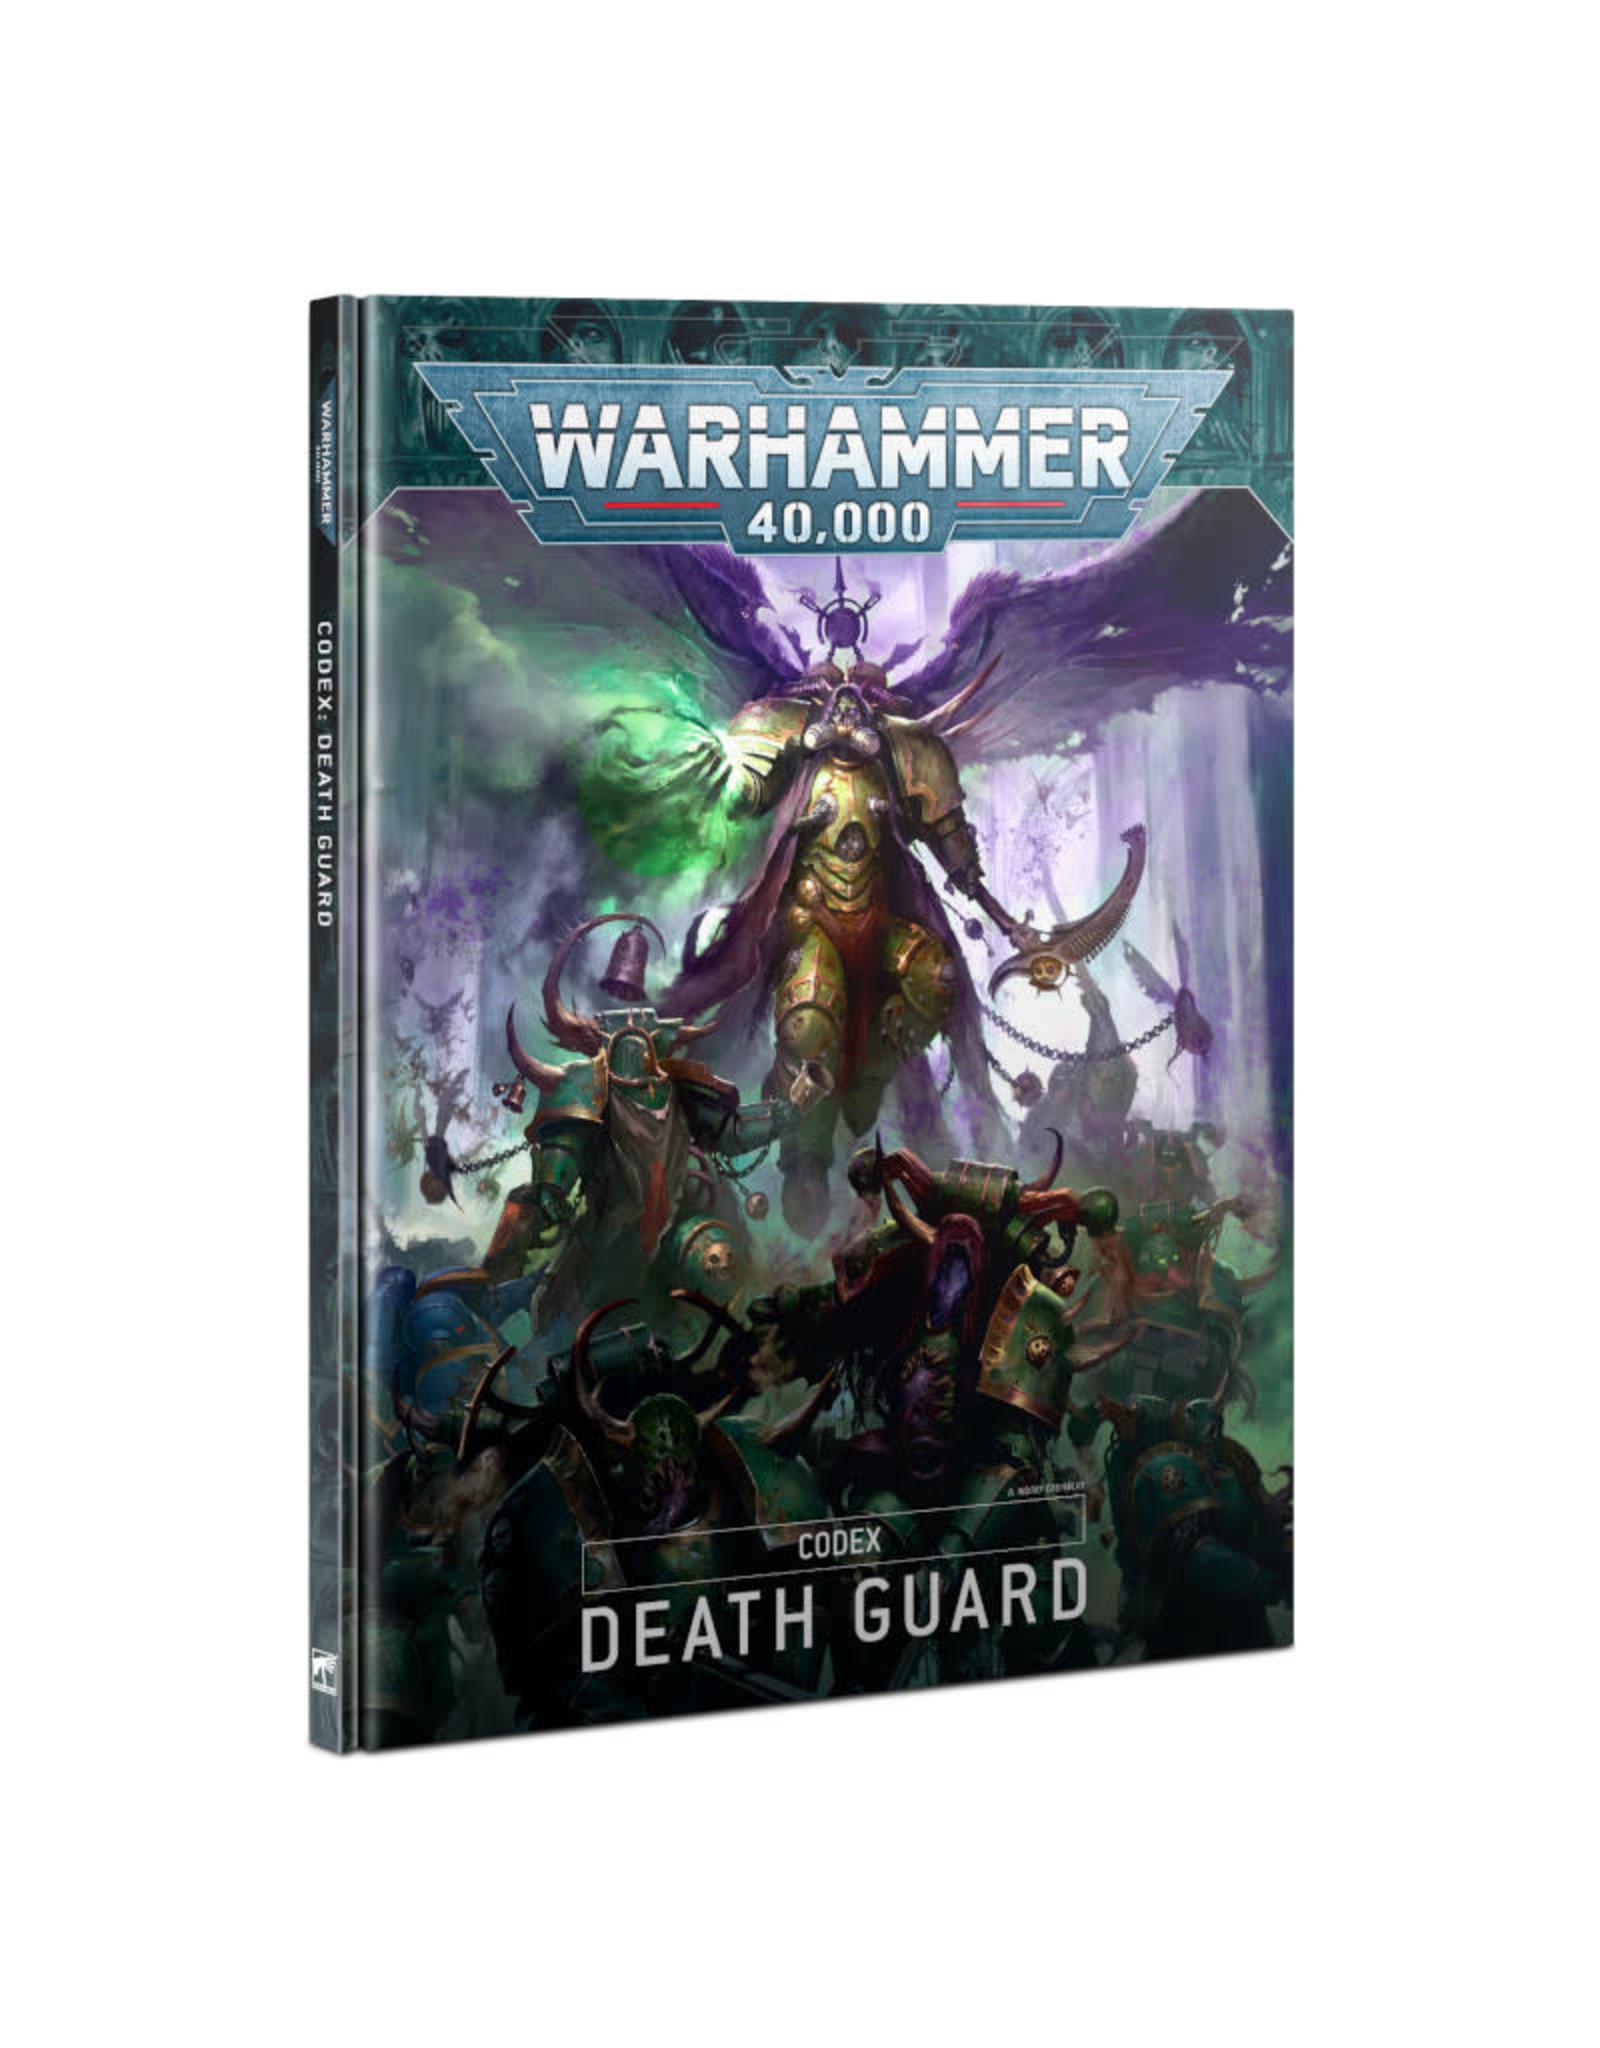 Games Workshop Warhammer 40K Codex Death Guard